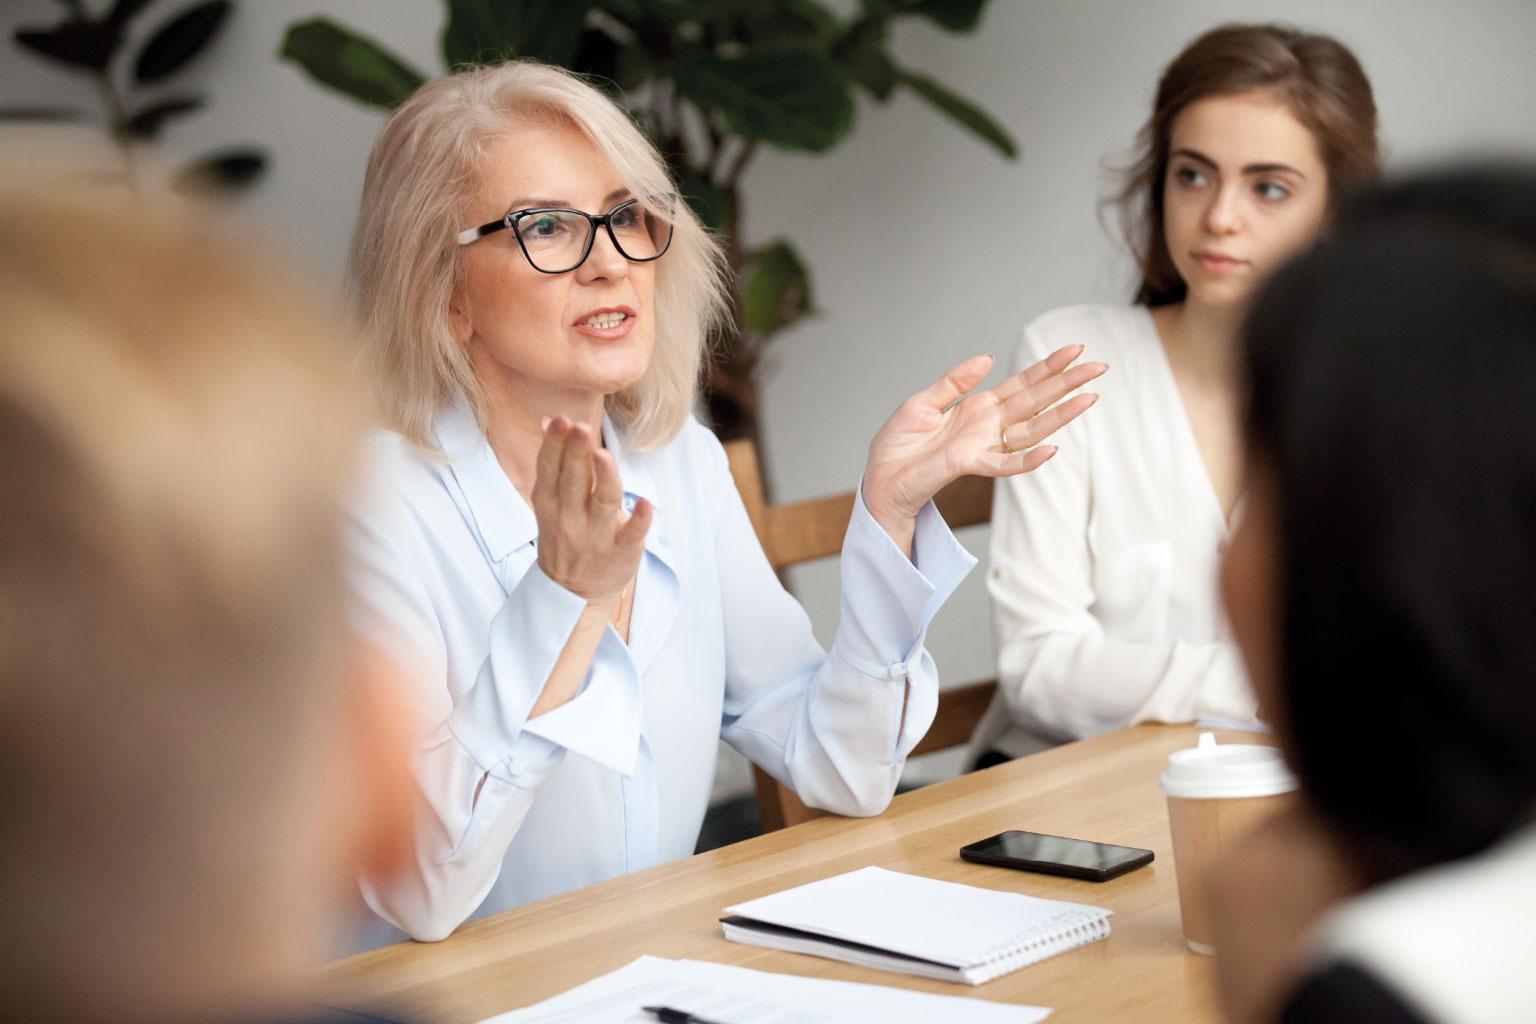 Pani profesor na uczelni tłumaczy studentom jak korzystać z LEX Context przy pisaniu pracy